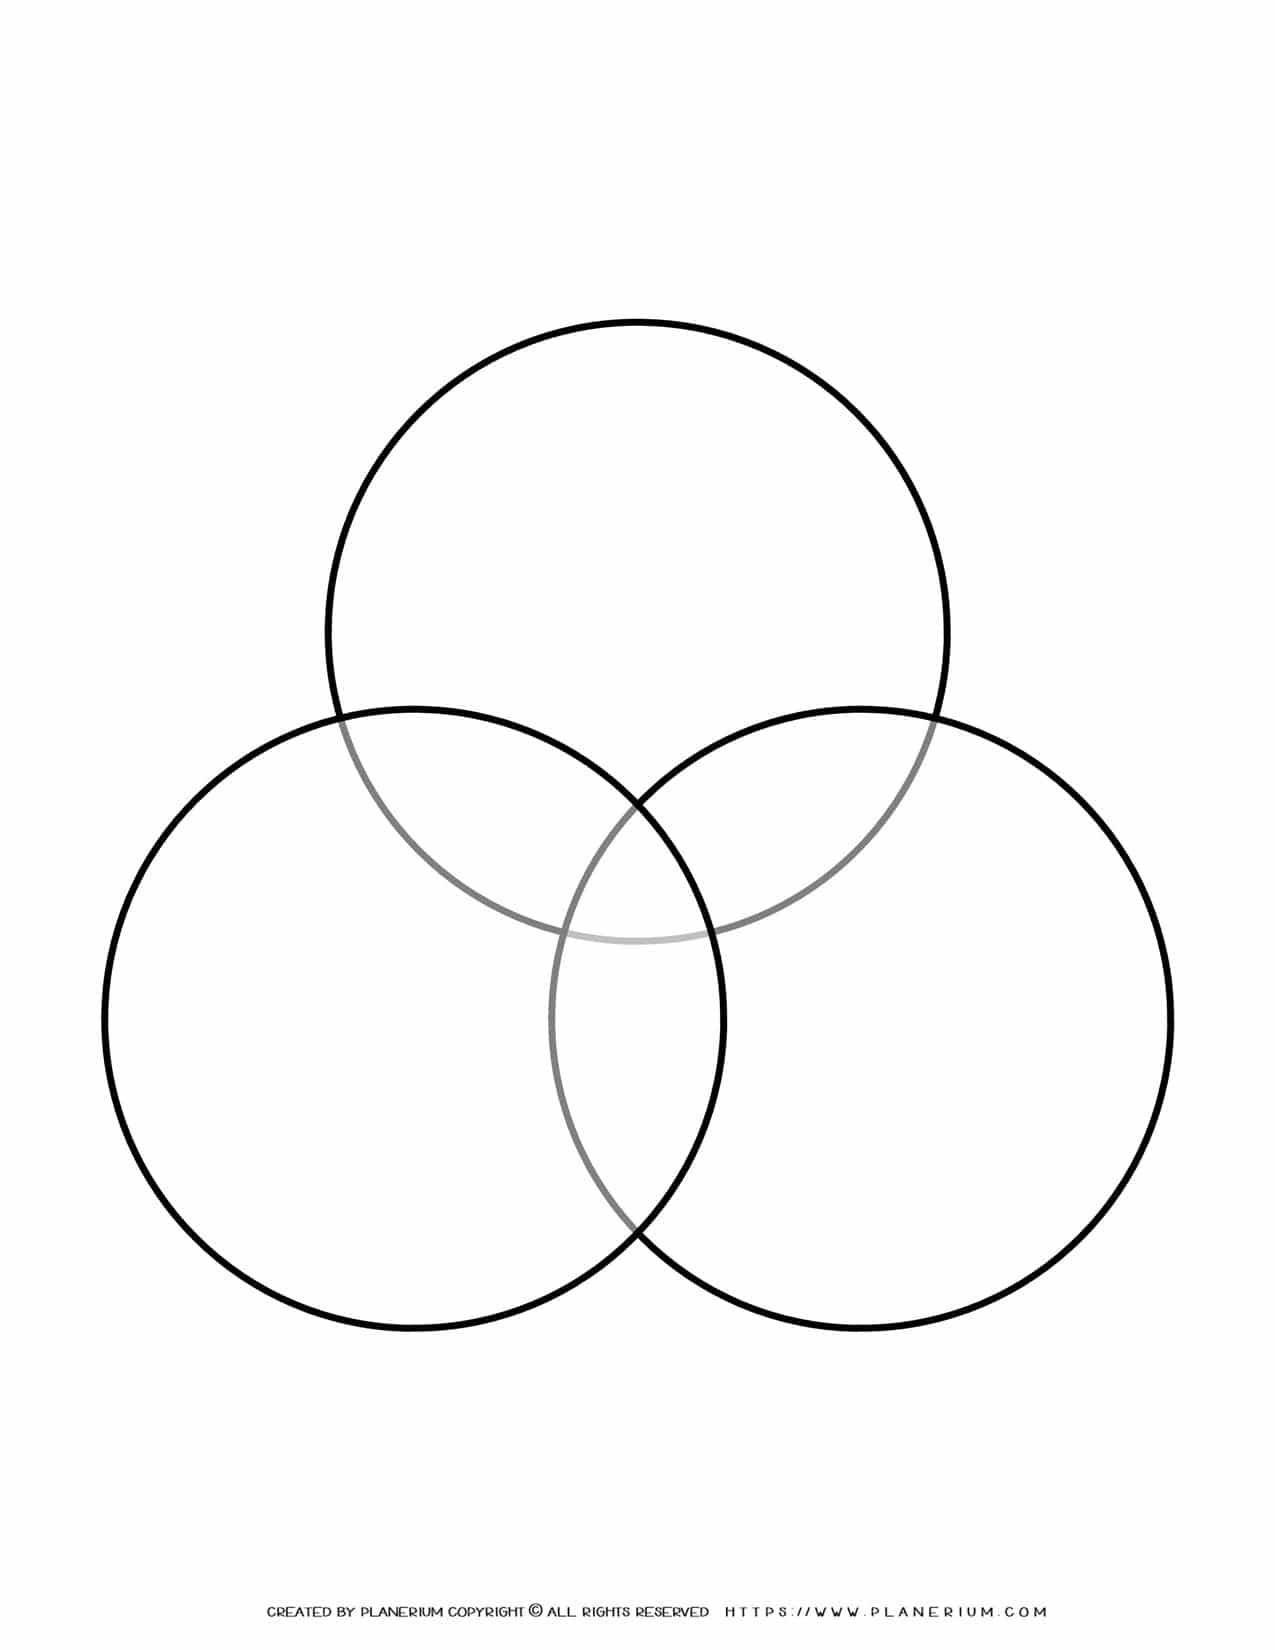 Venn Diagram | Planerium